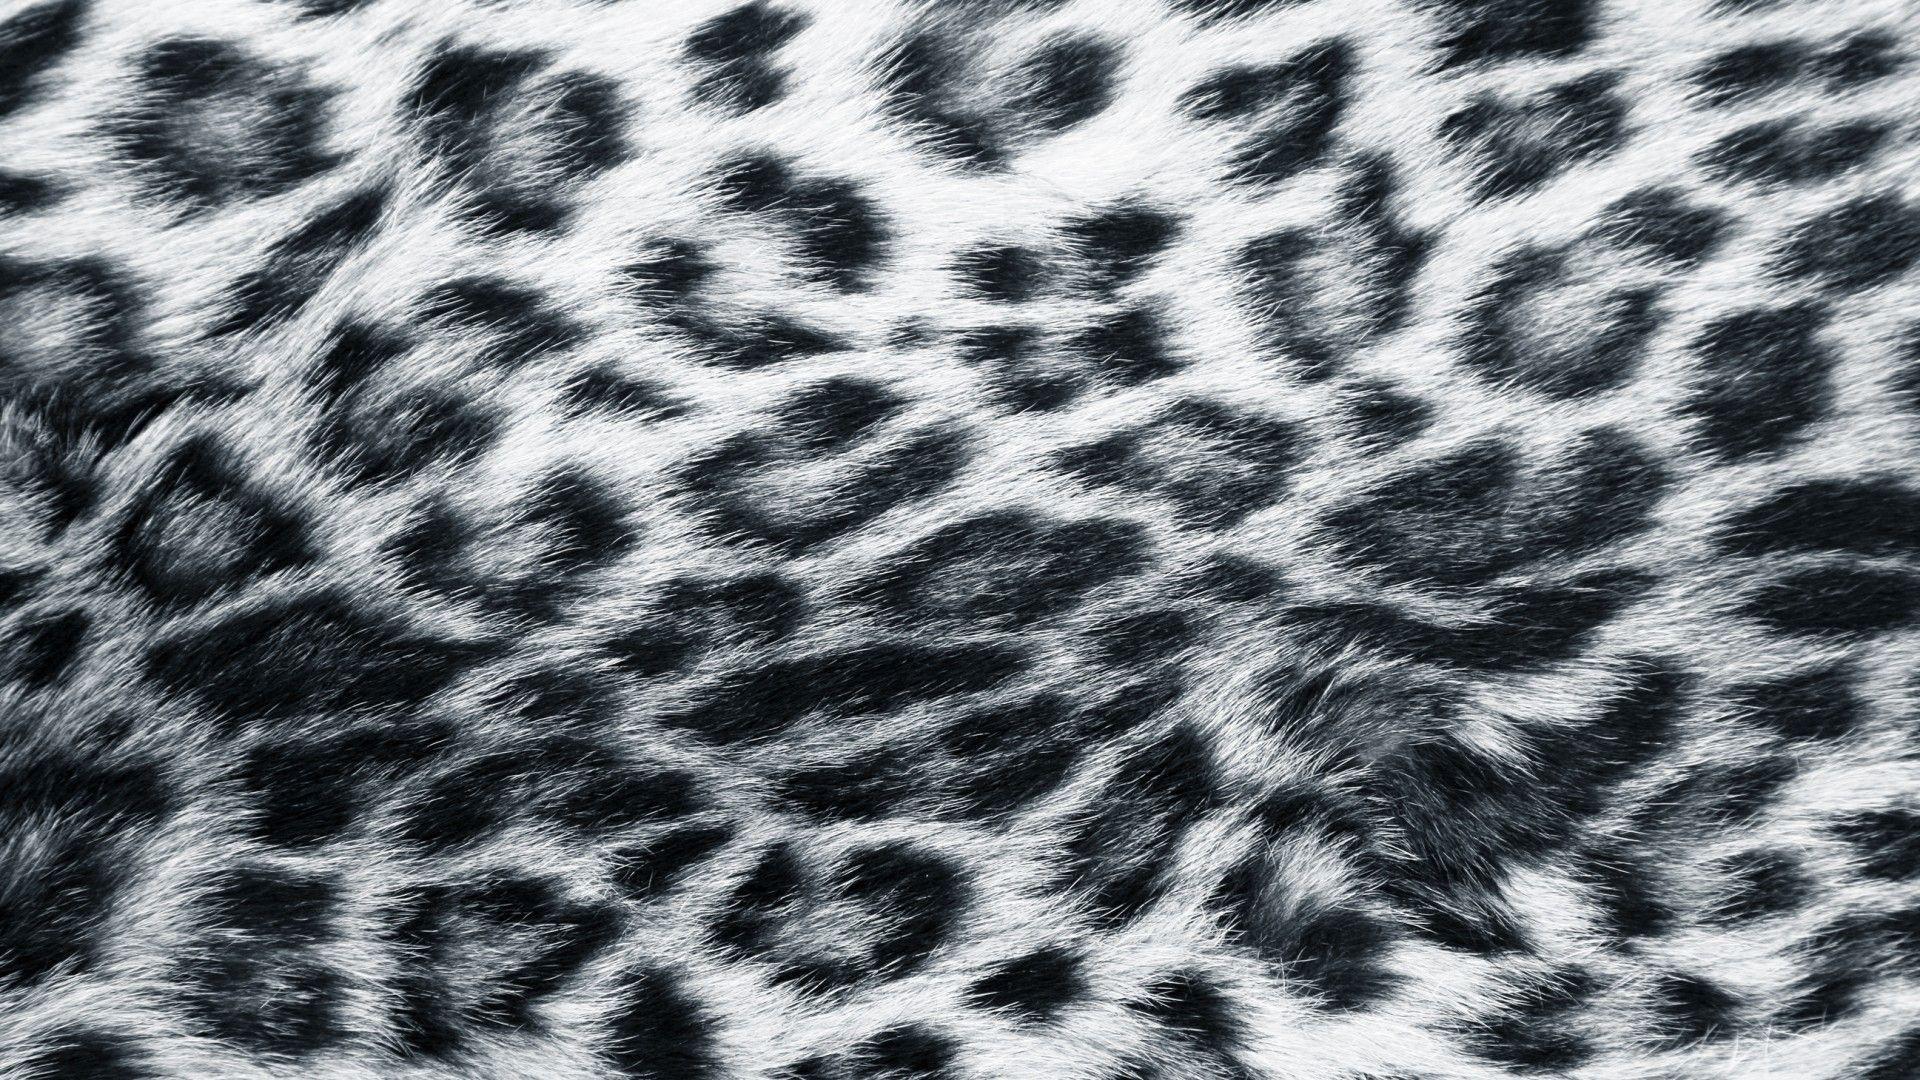 snowleopardfur.jpg (JPEGGrafik, 1920 × 1080 Pixel